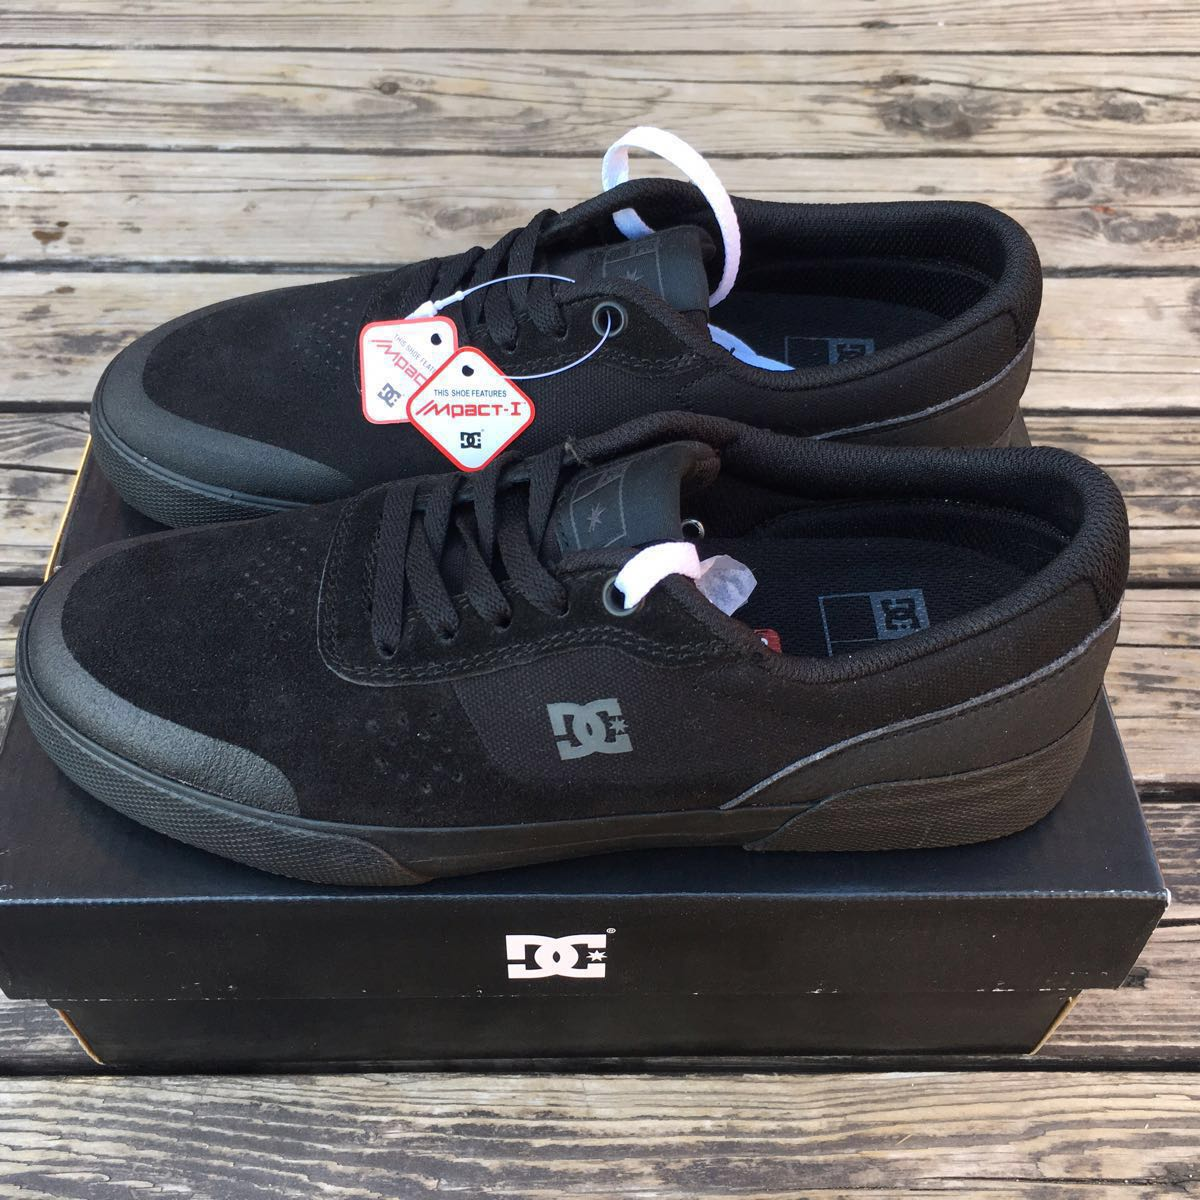 shipping ti- sheath ke shoe